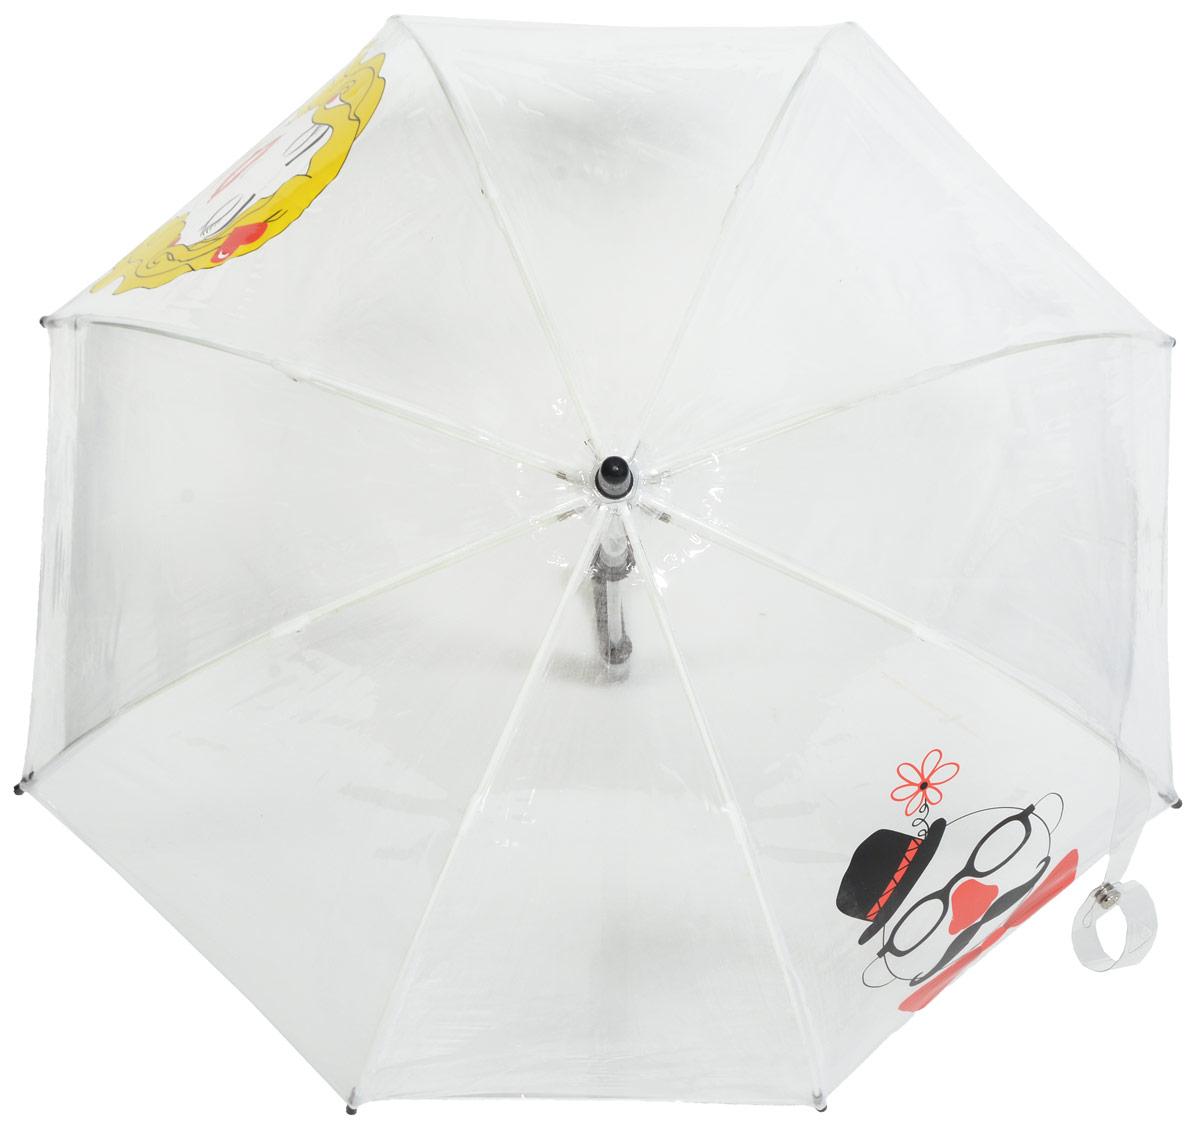 Зонт-трость детский Fulton, механический, цвет: белый, мультиколор. C605-2868REM12-CAM-GREENBLACKУдобный механический зонт-трость Fulton даже в ненастную погоду позволит вашему ребенку оставаться стильным. Каркас зонта включает 8 спиц из фибергласса. Стержень изготовлен из прочного алюминия. Купол зонта выполнен из качественного ПВХ.Рукоятка закругленной формы, разработанная с учетом требований эргономики, выполнена из качественного пластика.Зонт механического сложения: купол открывается и закрывается вручную до характерного щелчка.